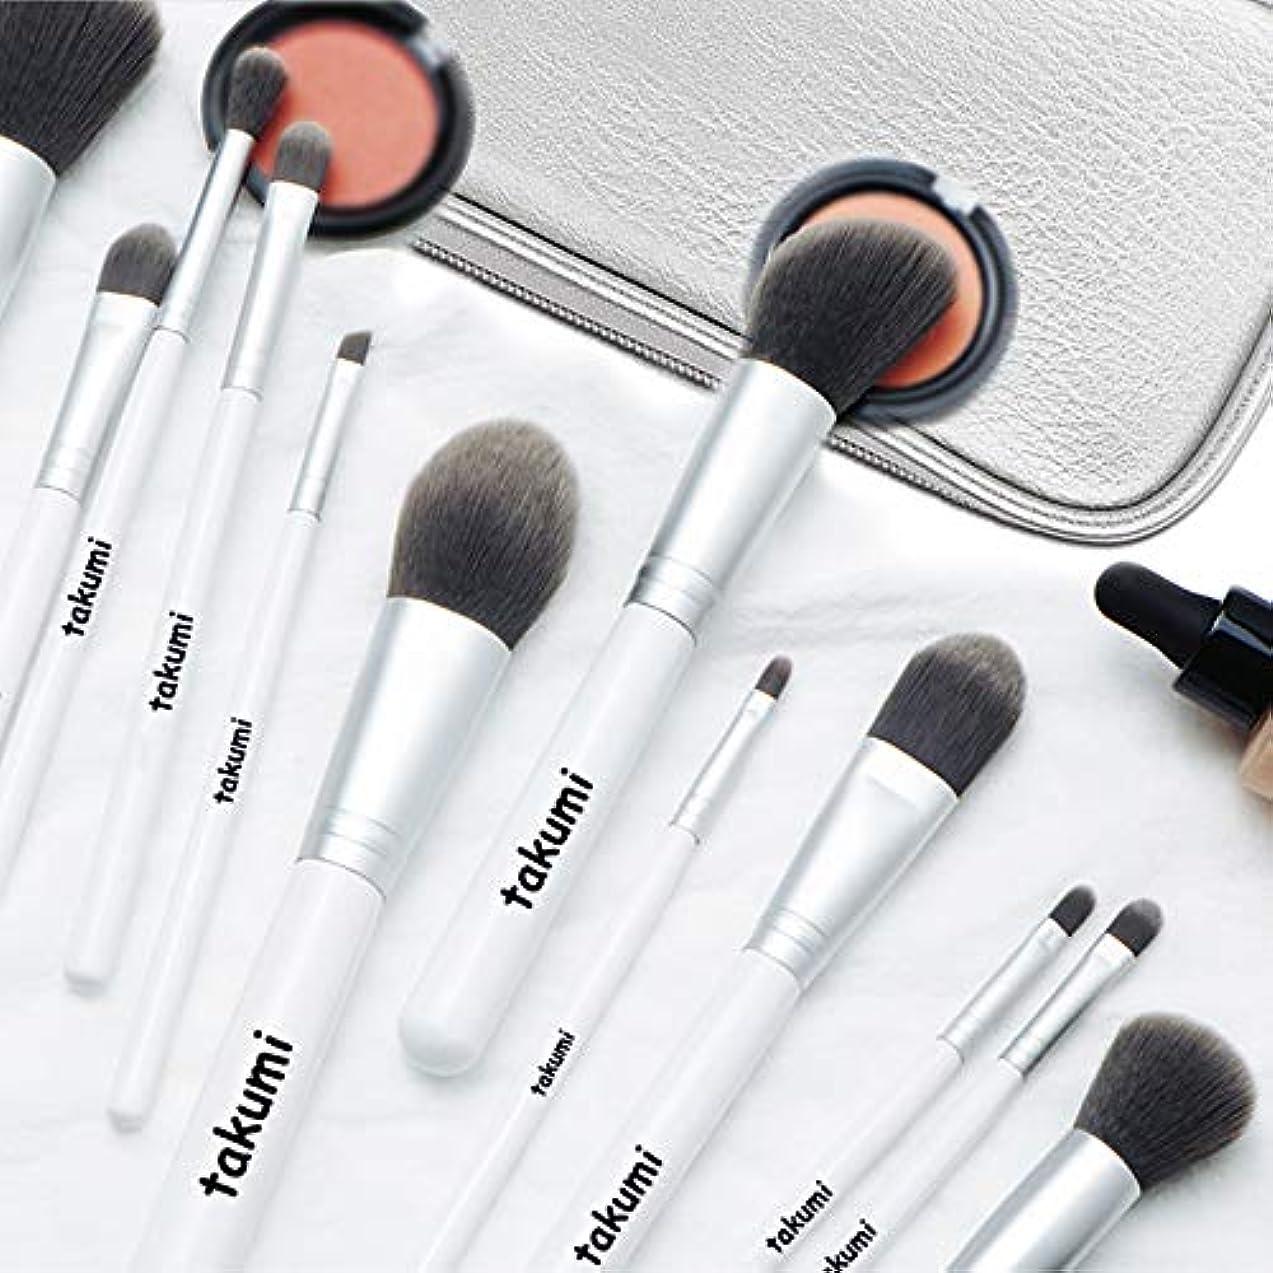 芝生火曜日内向きメイクブラシ12本セット 超柔らかい 化粧筆 ブラシ 専用化粧ポーチ付き 携帯便利